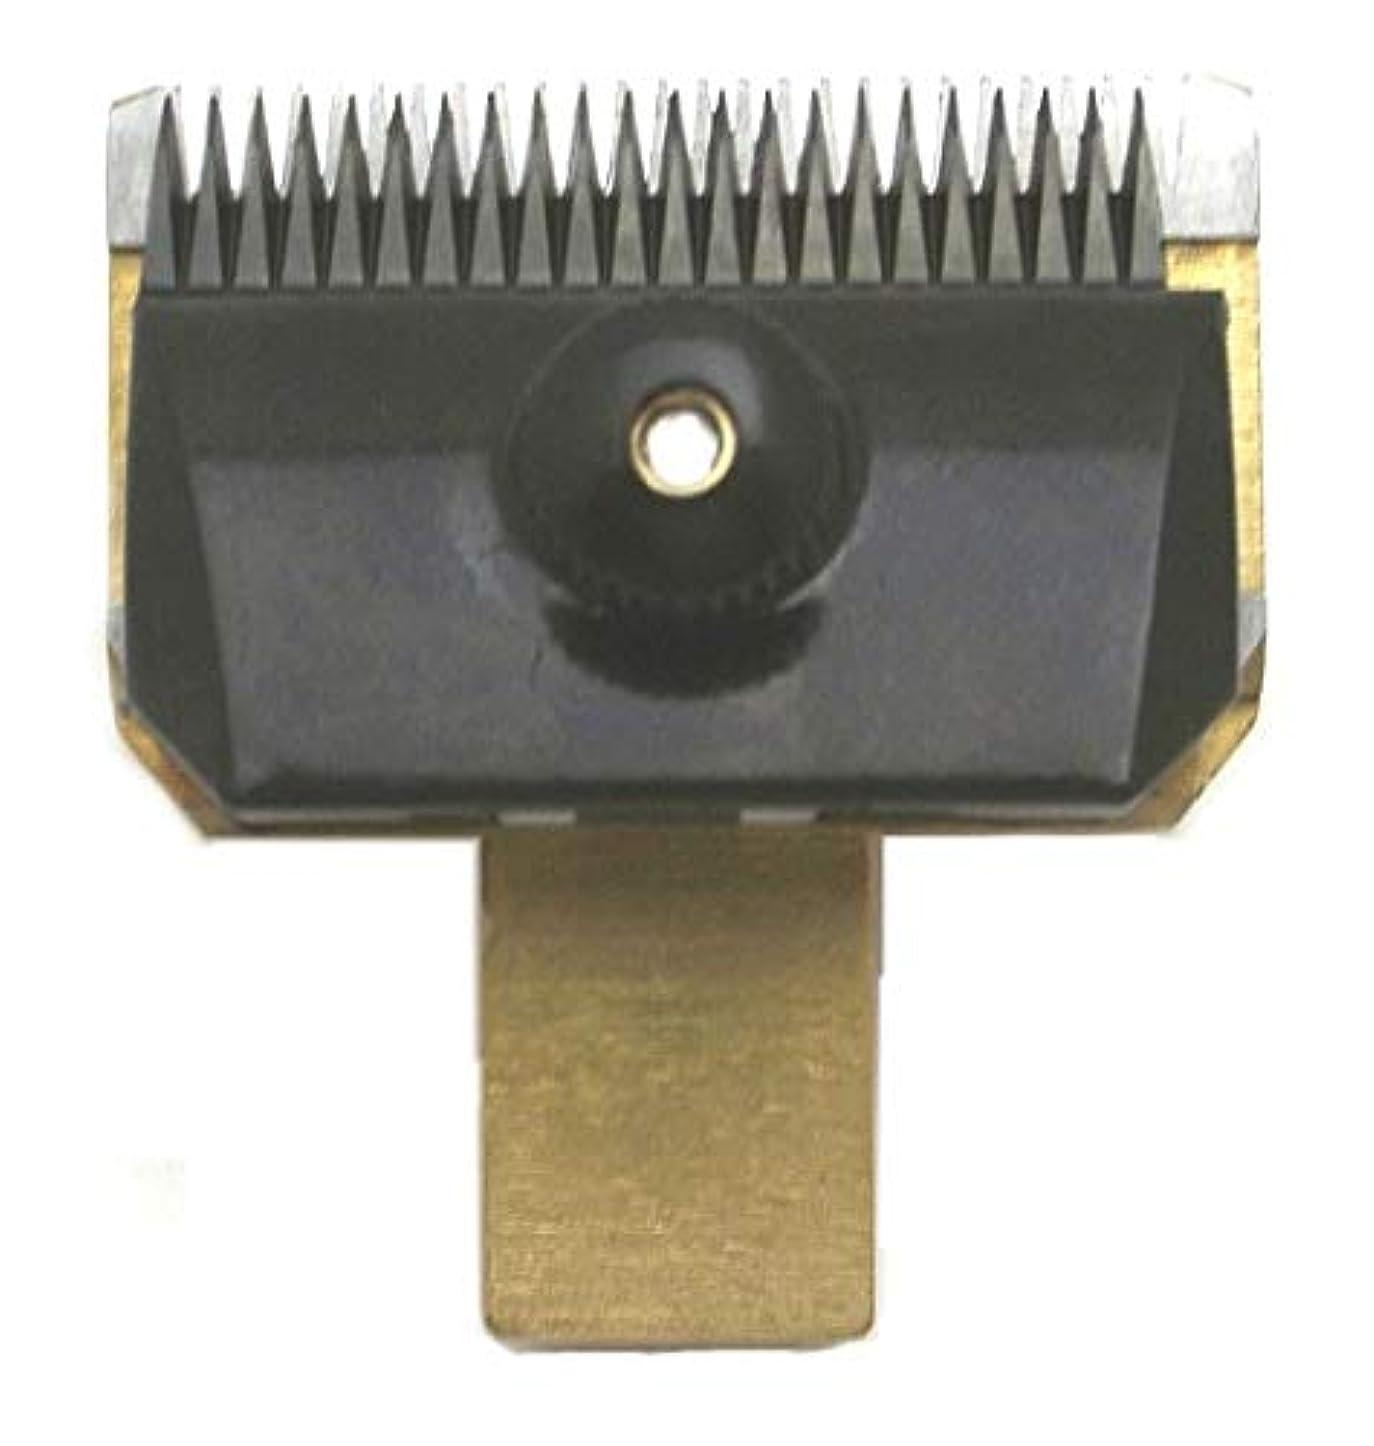 旅クリーク唯一スライヴ電気バリカン替刃(5500用515R、505、501-H、5500、5000ADII、5000ADIII)2mmチタン